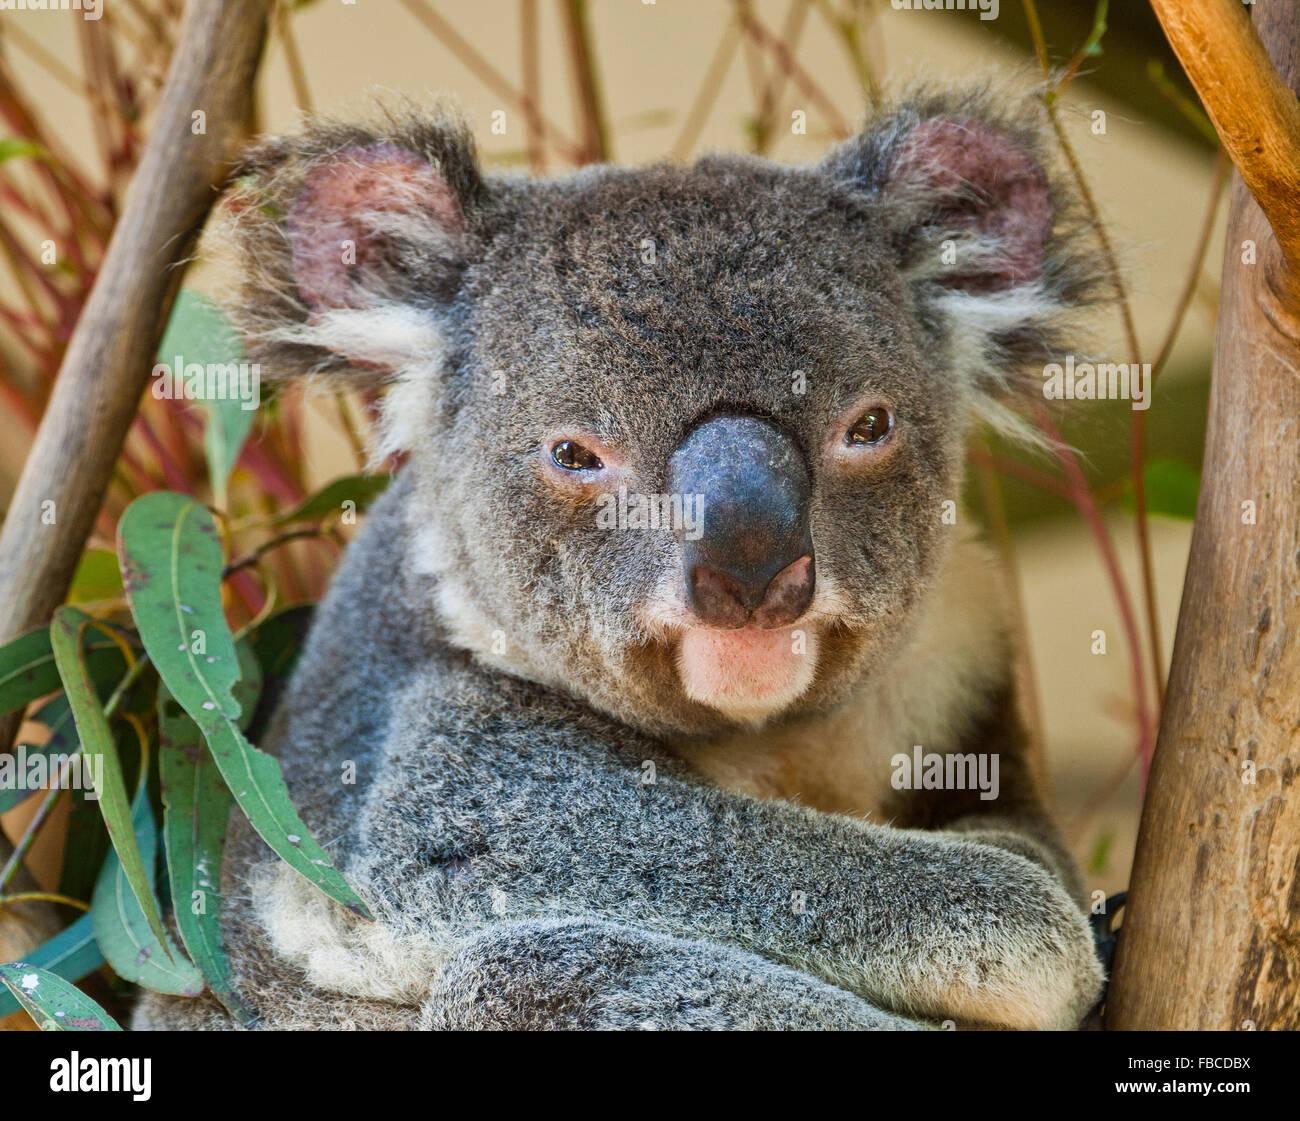 Australia, Koala, Phascolarctos cenereus, thickset arboreal marsupial herbivore native to Australia - Stock Image